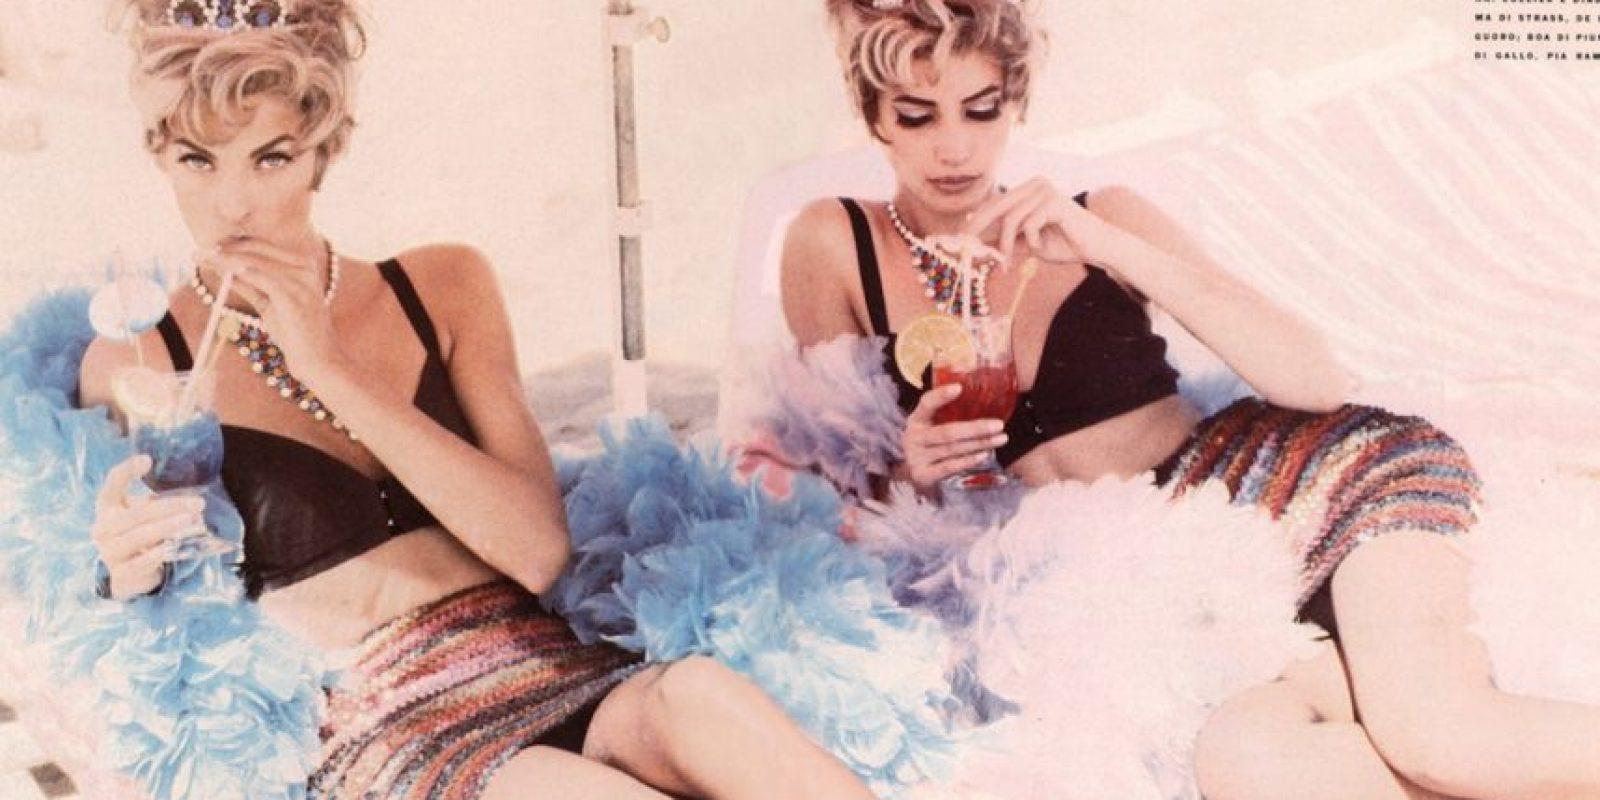 Las modelos actuales ya no gozan de su estatus. Foto:vía Vogue. Imagen Por: